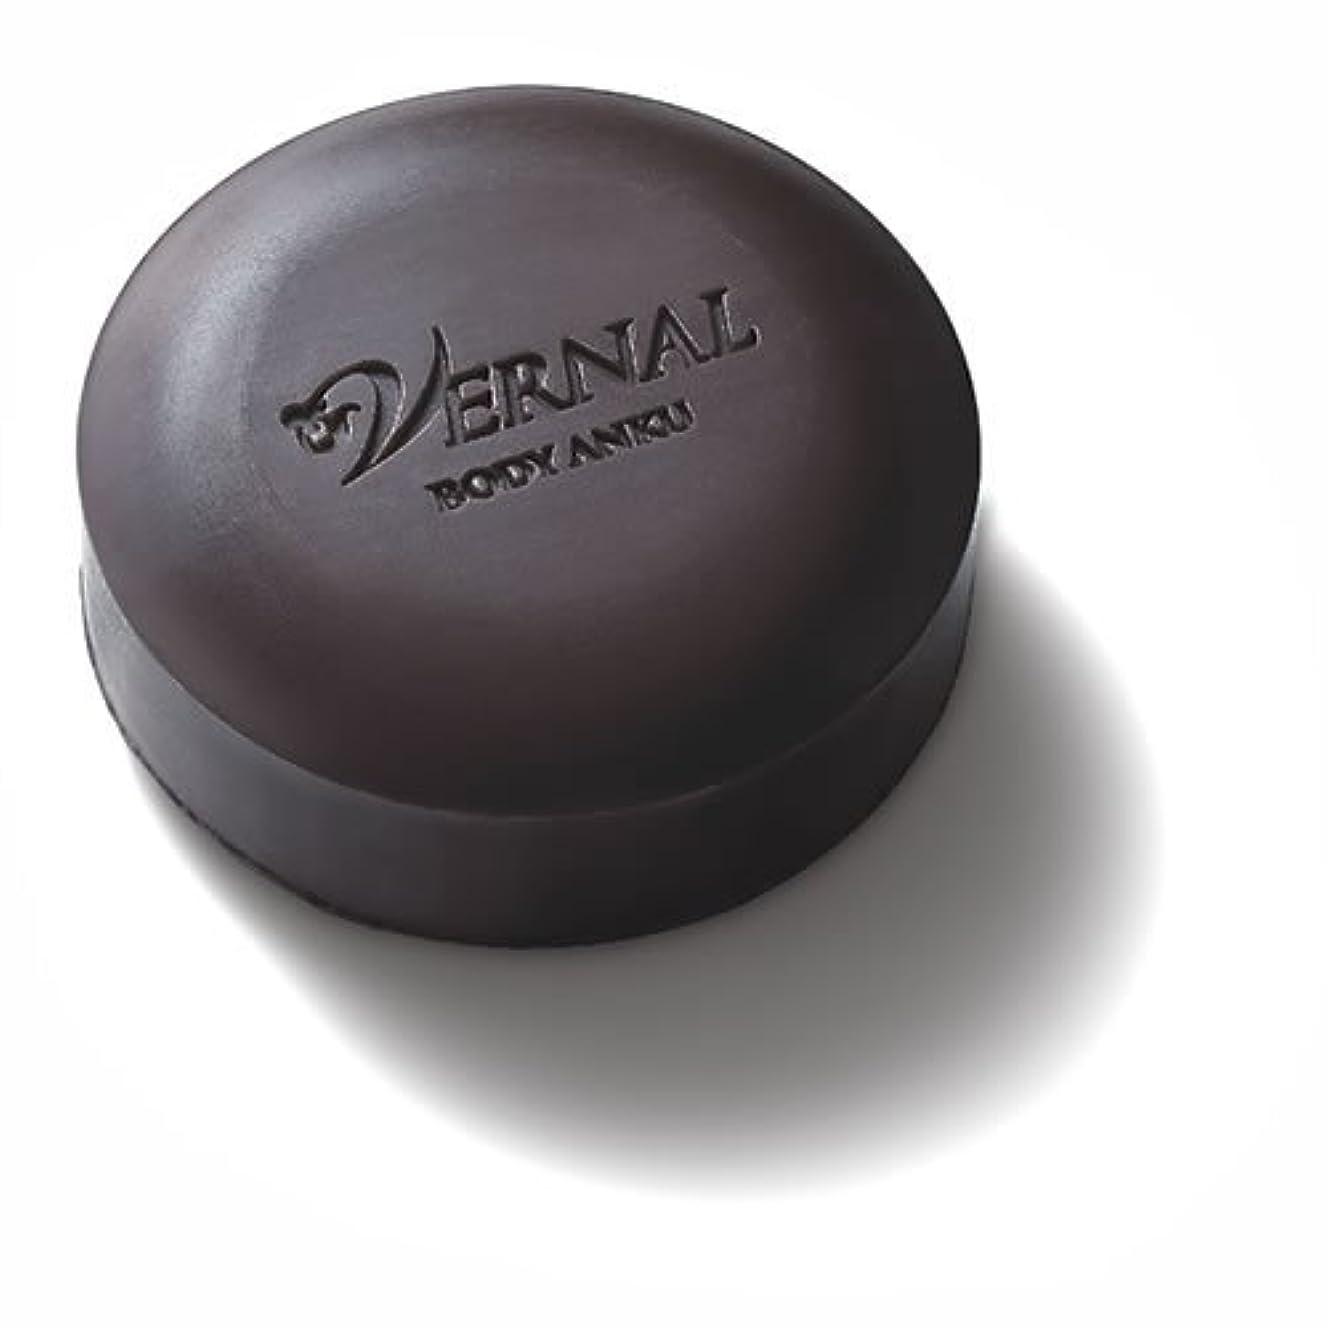 虫を数えるジャベスウィルソン季節ボディアンク/ヴァーナル ボディ用 石鹸 デオドラント